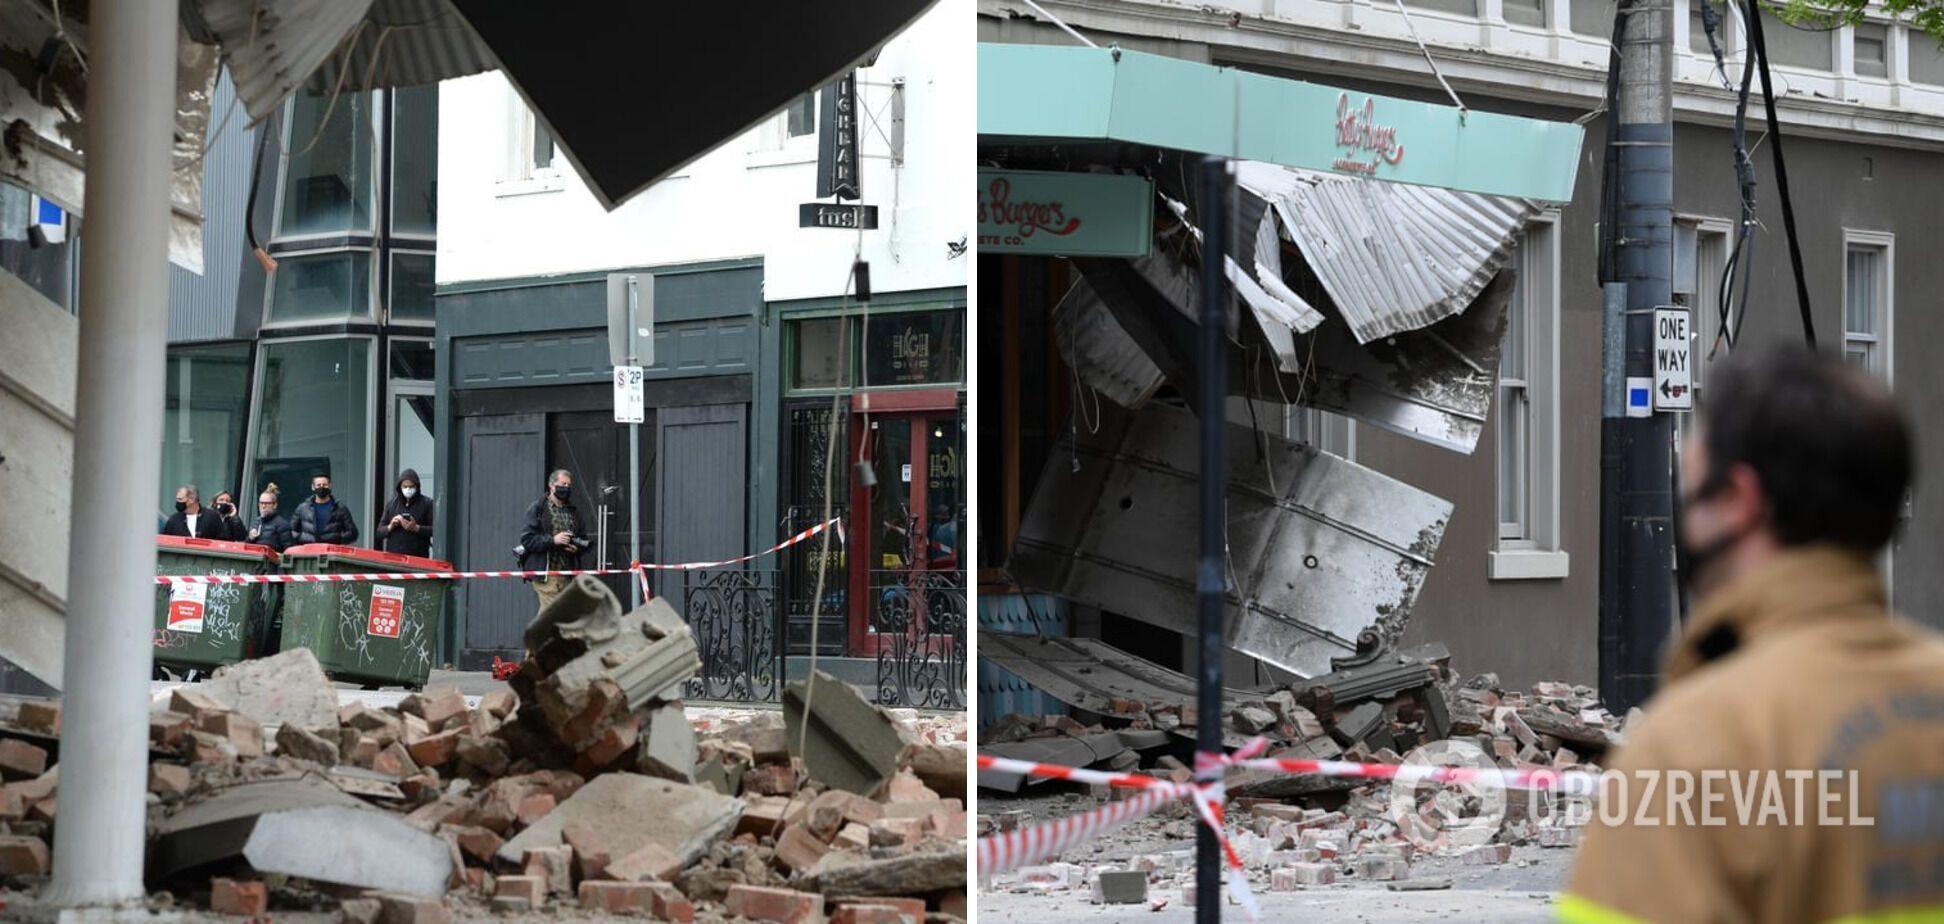 Землетрясение у побережья Австралии: есть ли разрушения, фото и последние новости